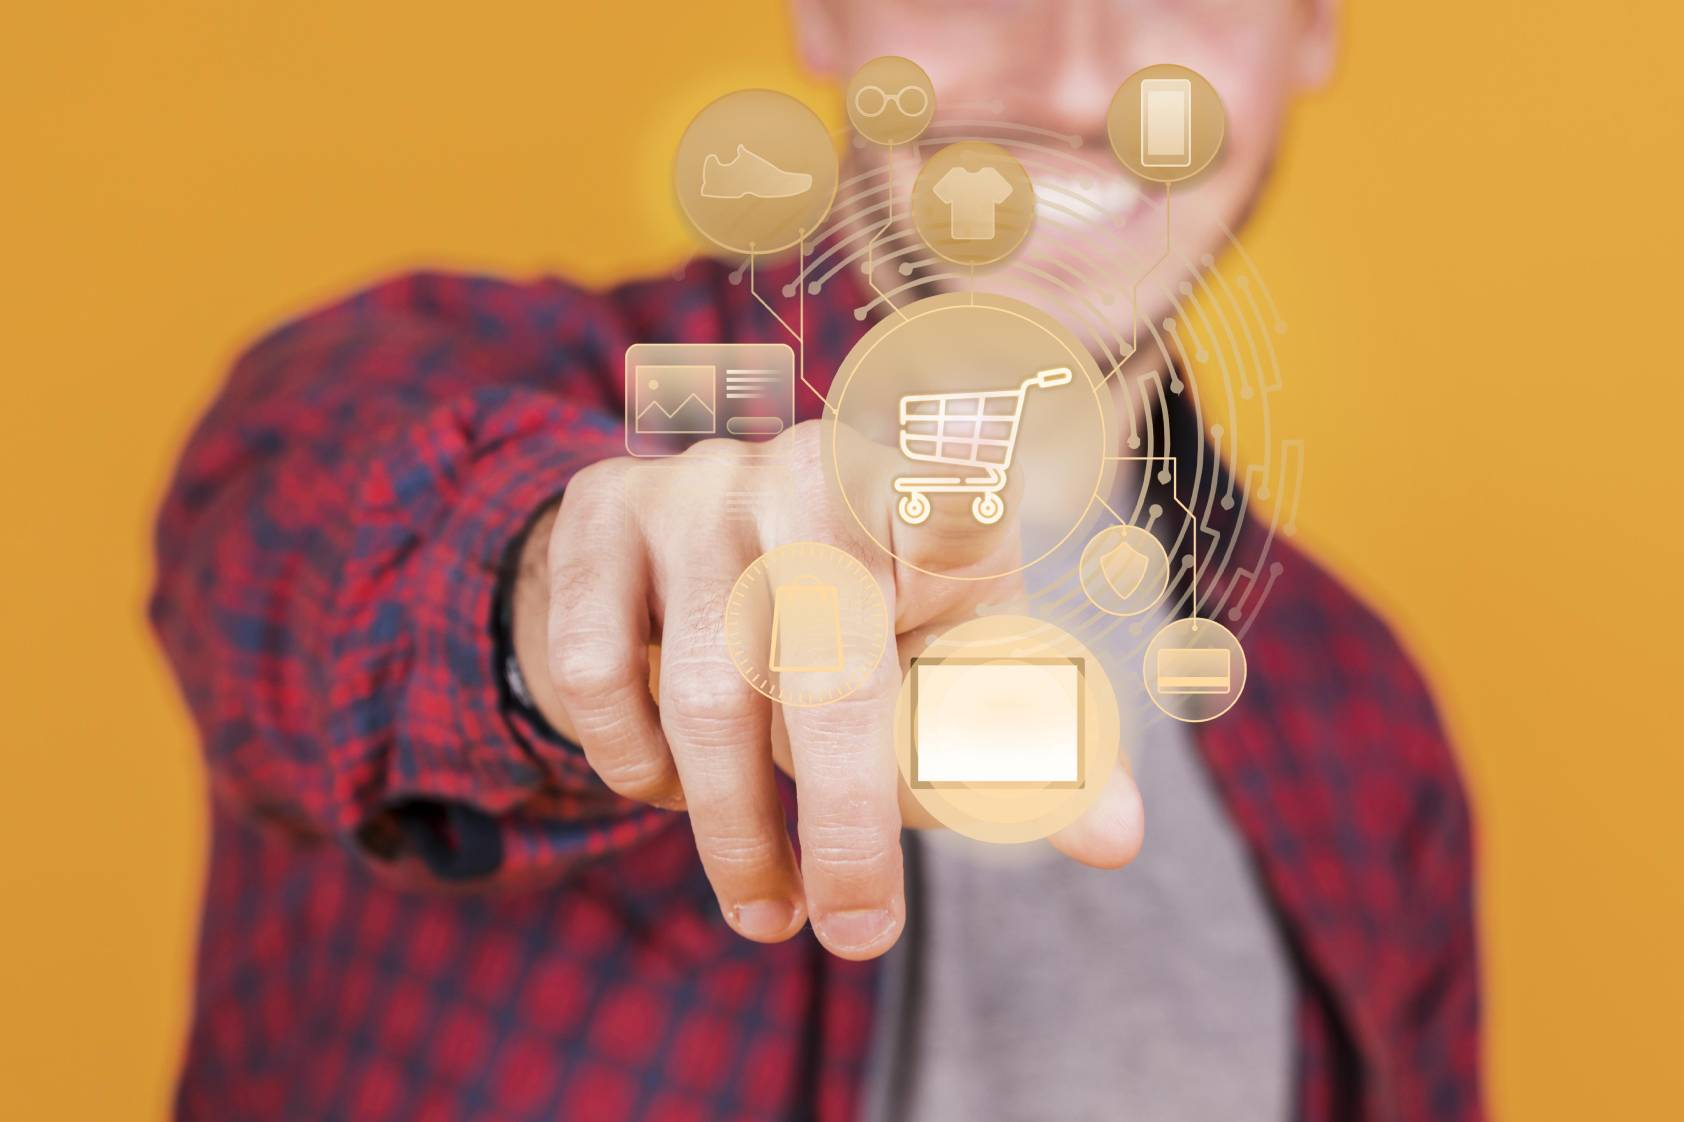 Conferencia Impacto y transformación digital: rediseñando la enseñanza de los negocios